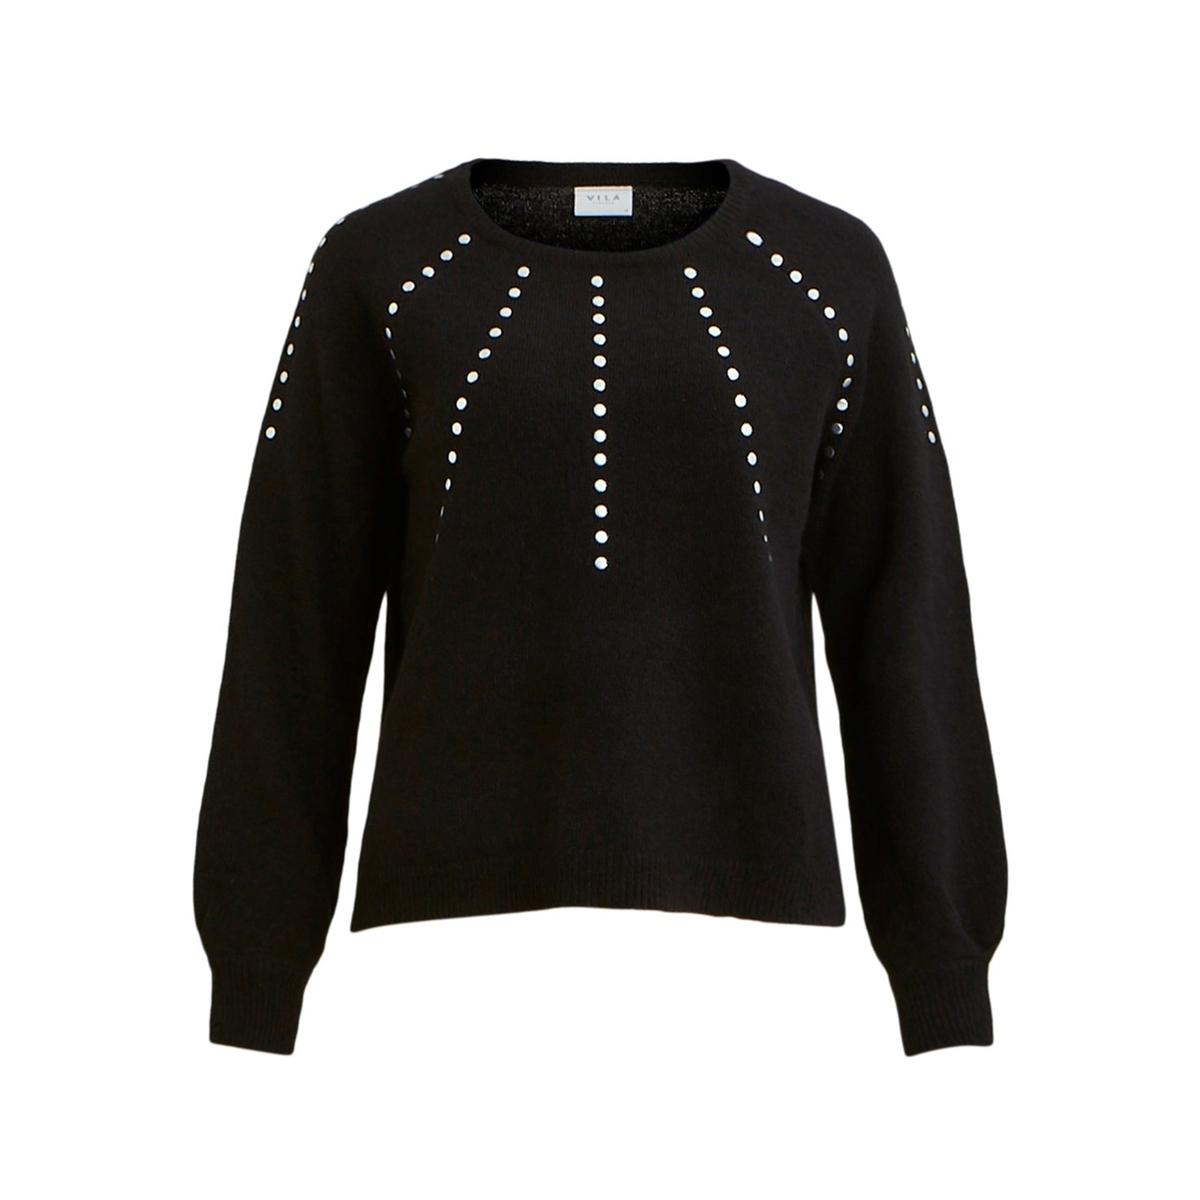 Пуловер La Redoute С круглым вырезом и длинными рукавами с бисером S черный кардиган la redoute с длинными рукавами galinais s черный